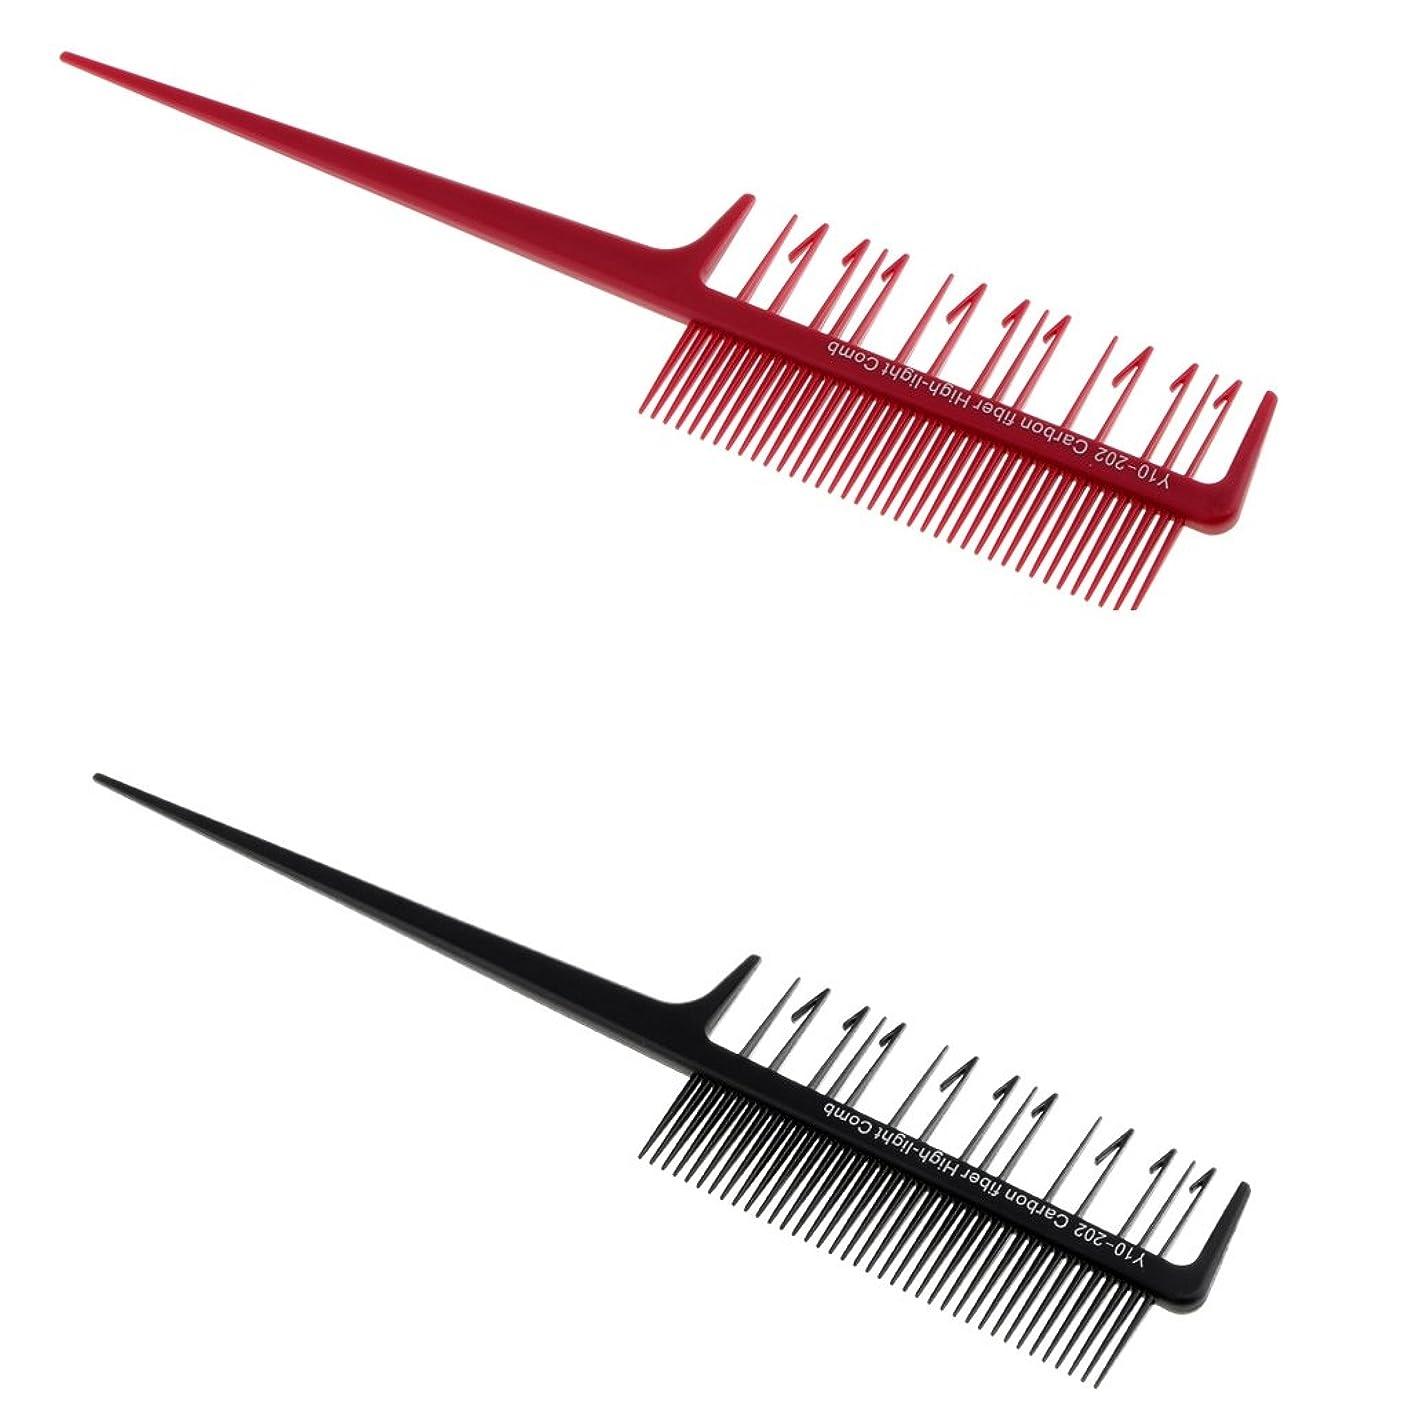 サスティーンに応じてきちんとしたKesoto 2本 ヘアコーム 櫛 染色櫛 ダブルサイド ヘアブラシ ハイライト ヘアカラー ヘアスタイリング 使いやすい 便利